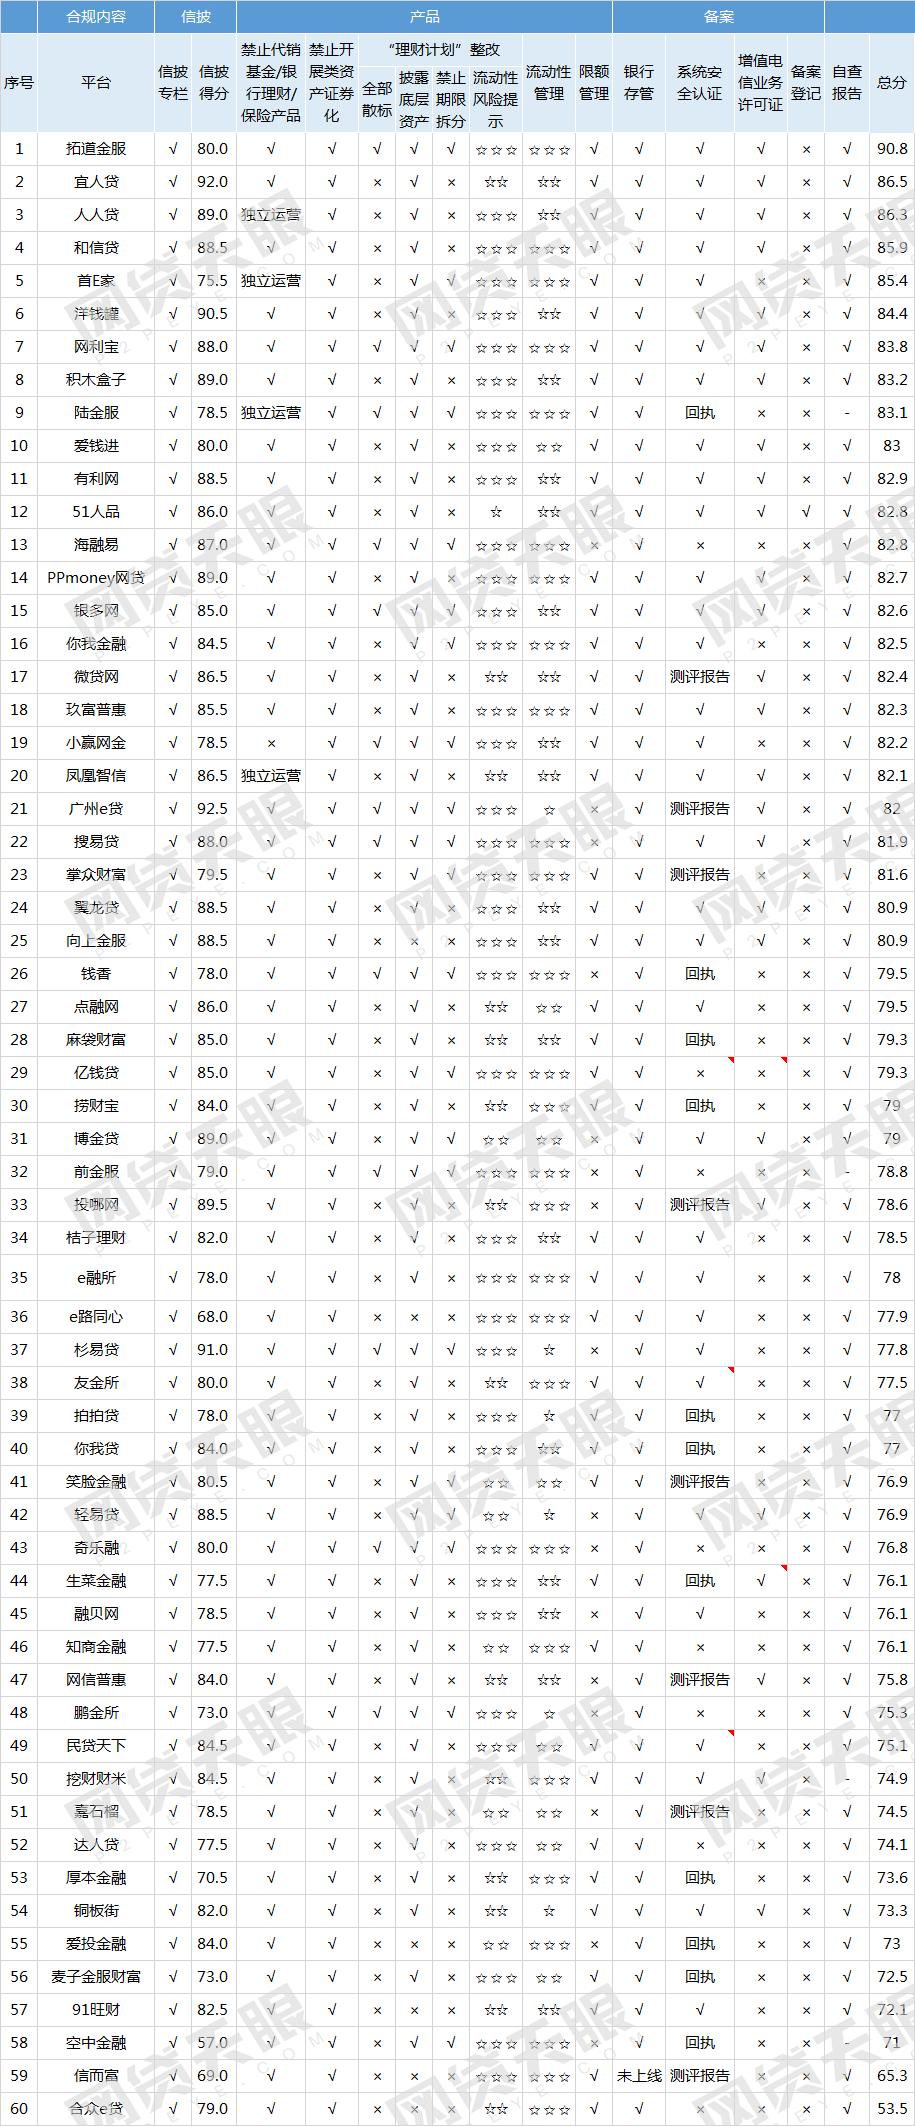 网贷天眼3月60家网贷平台线上端合规排行榜1